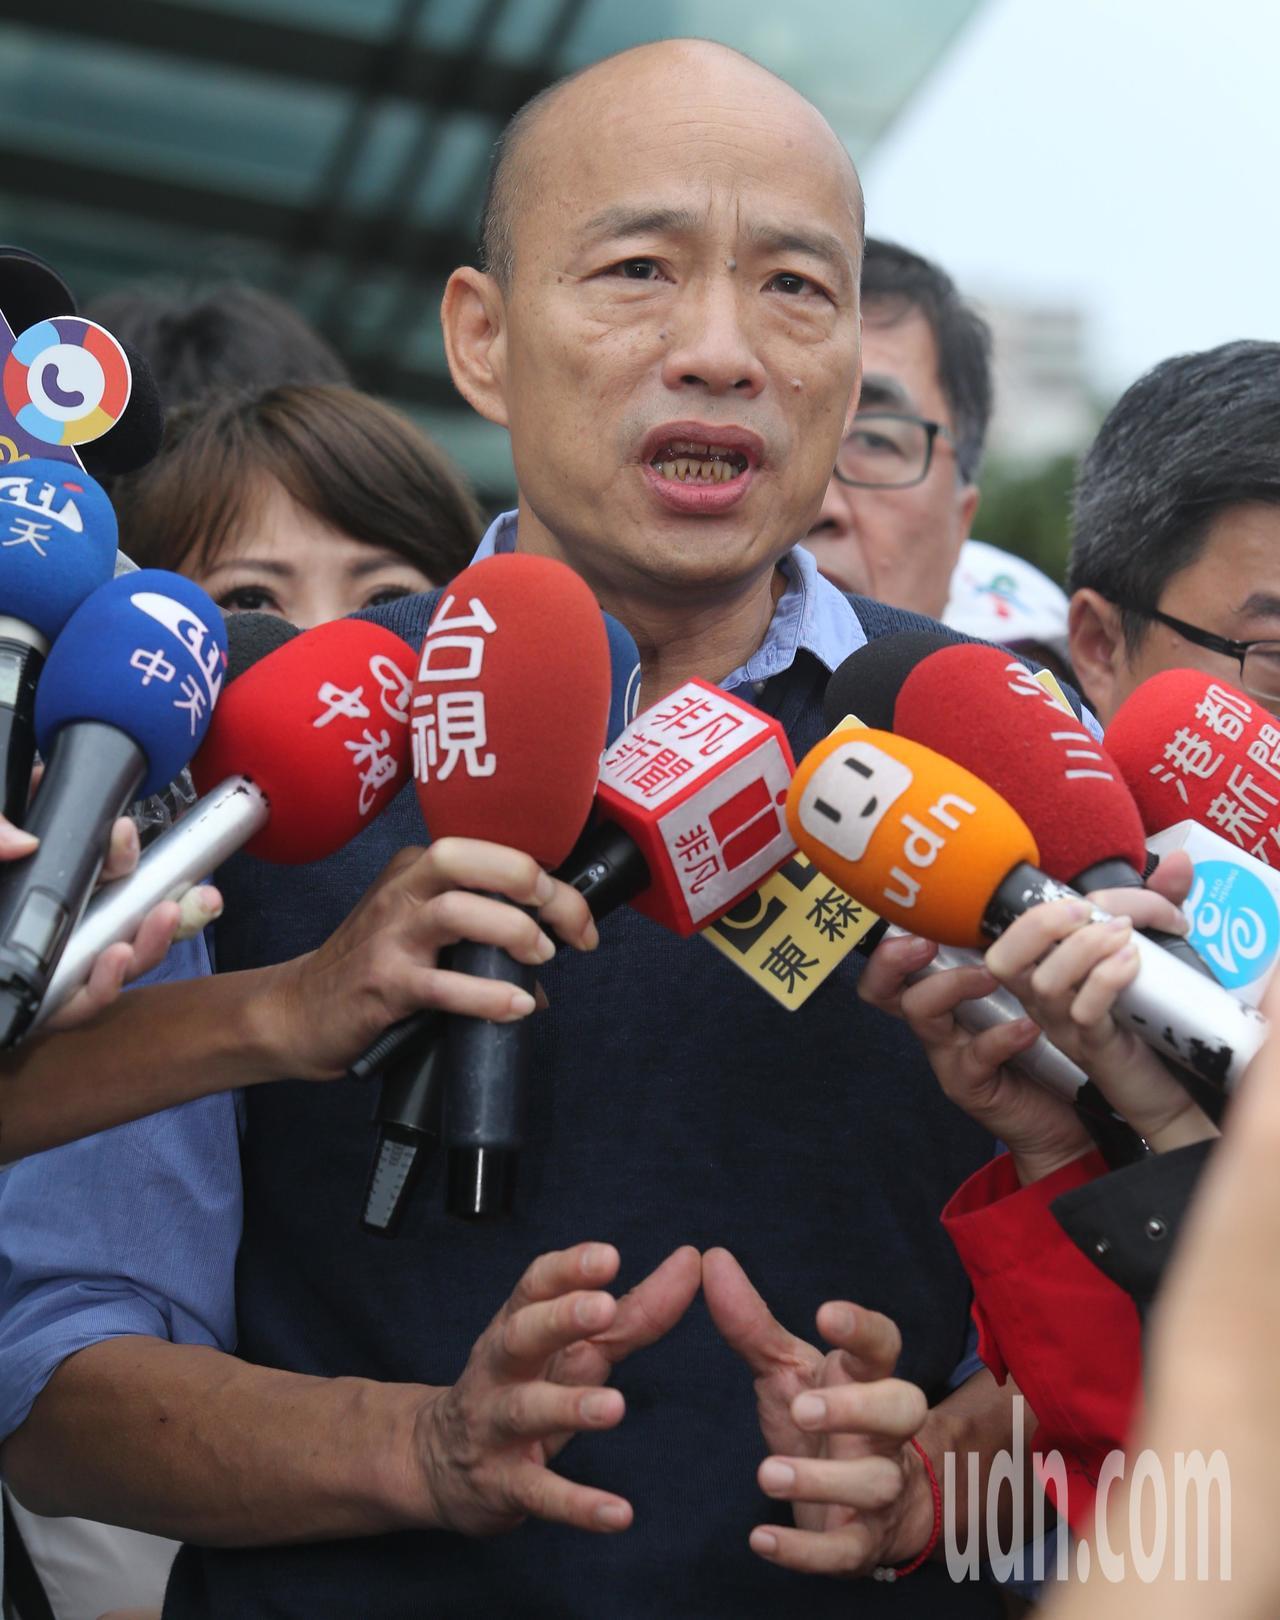 韓國瑜表示這次高市淹水雨量太大,全市雖有多處積水,但是很快就逐漸消退,這也顯示他...